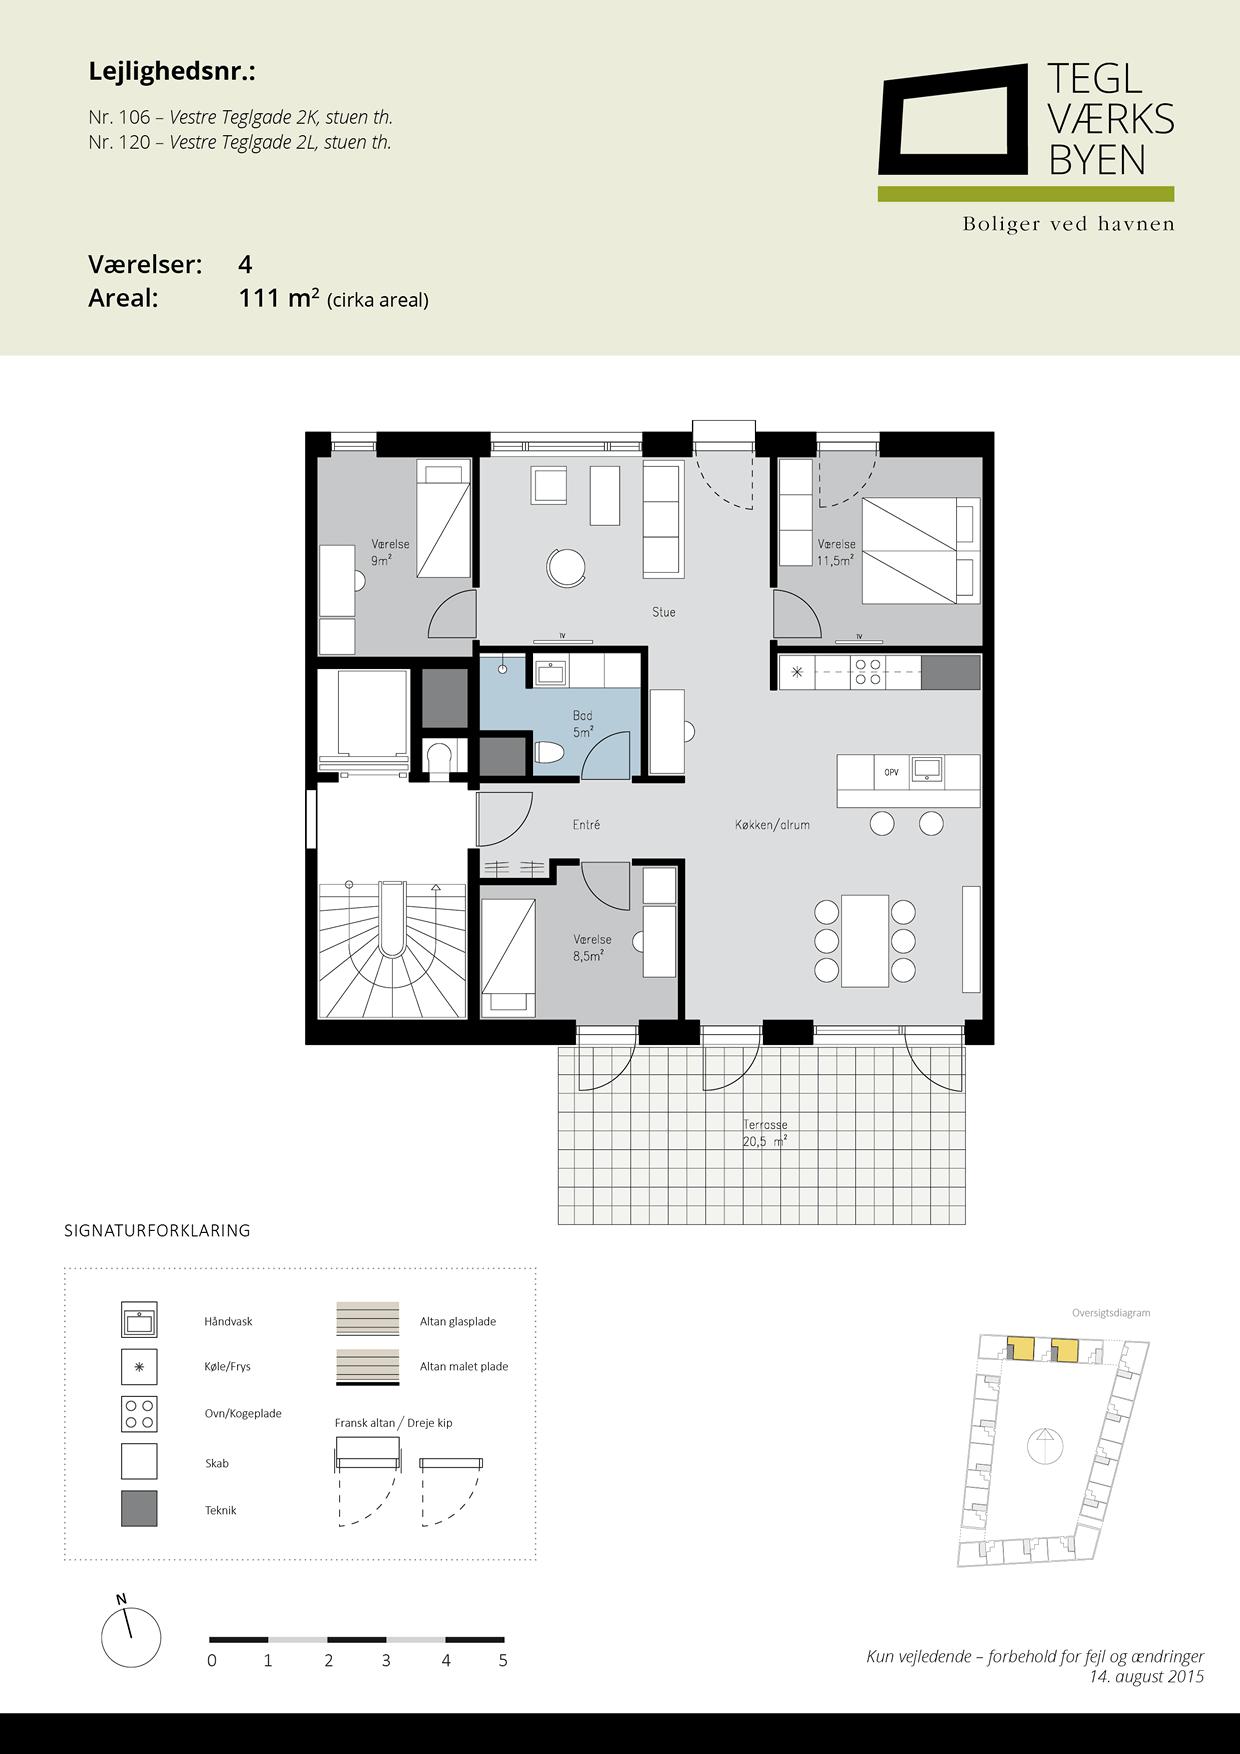 Teglvaerksbyen_106-120_plan